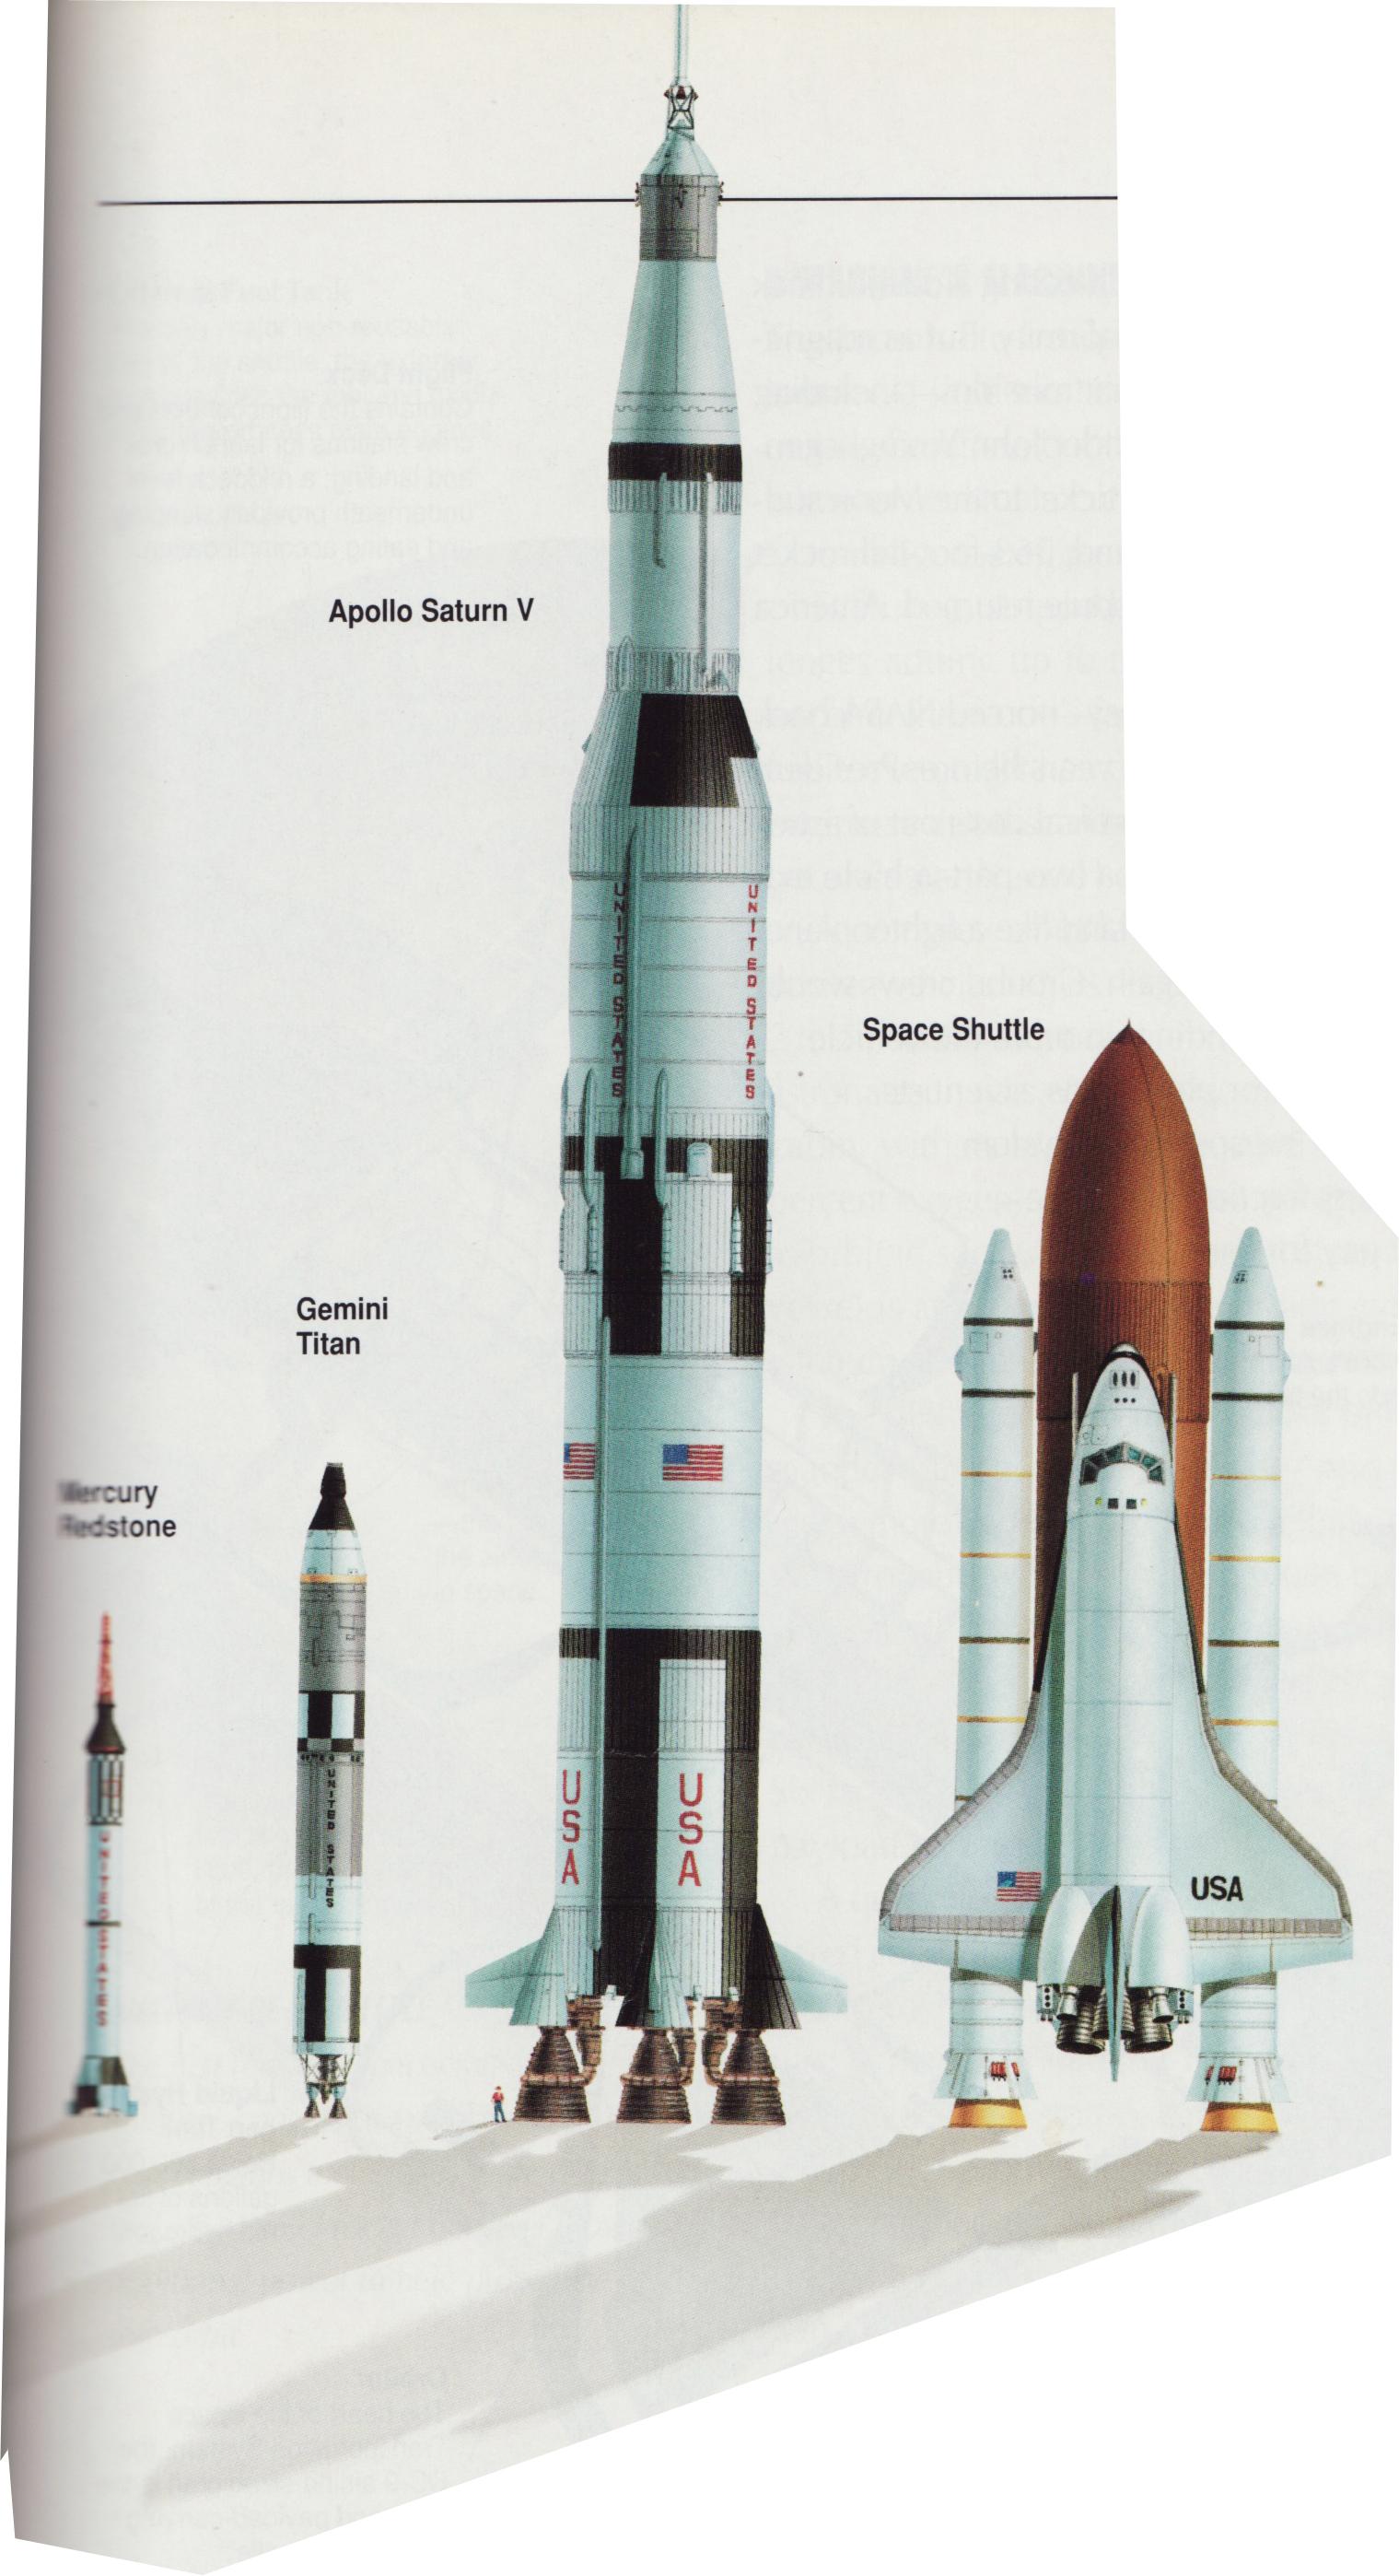 Spacecraft(73).jpg